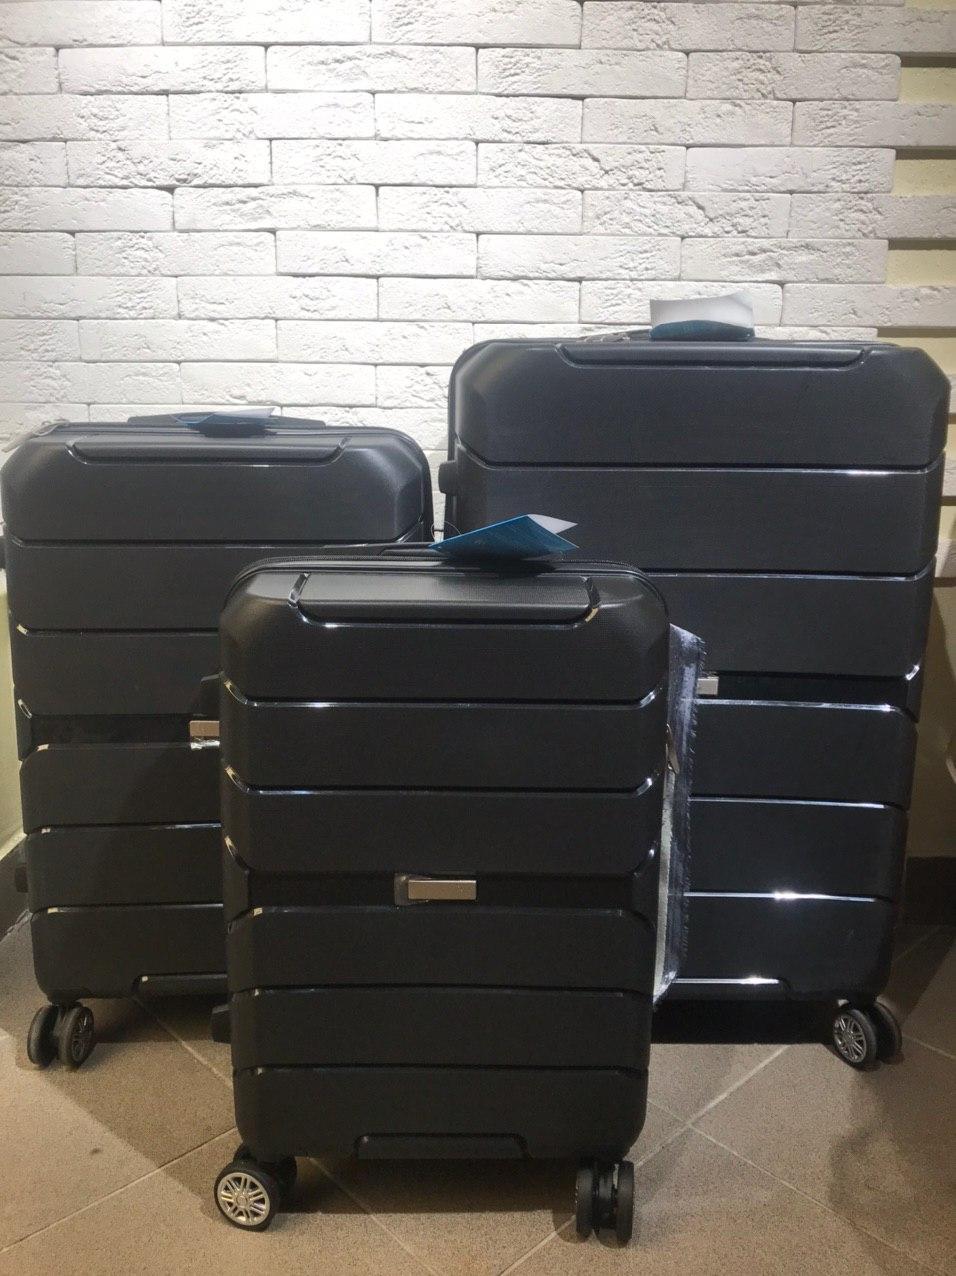 Дорожные чемоданы оптом  Комплект 3 шт. Дорожные сумки и чемоданы из полипропилена опт